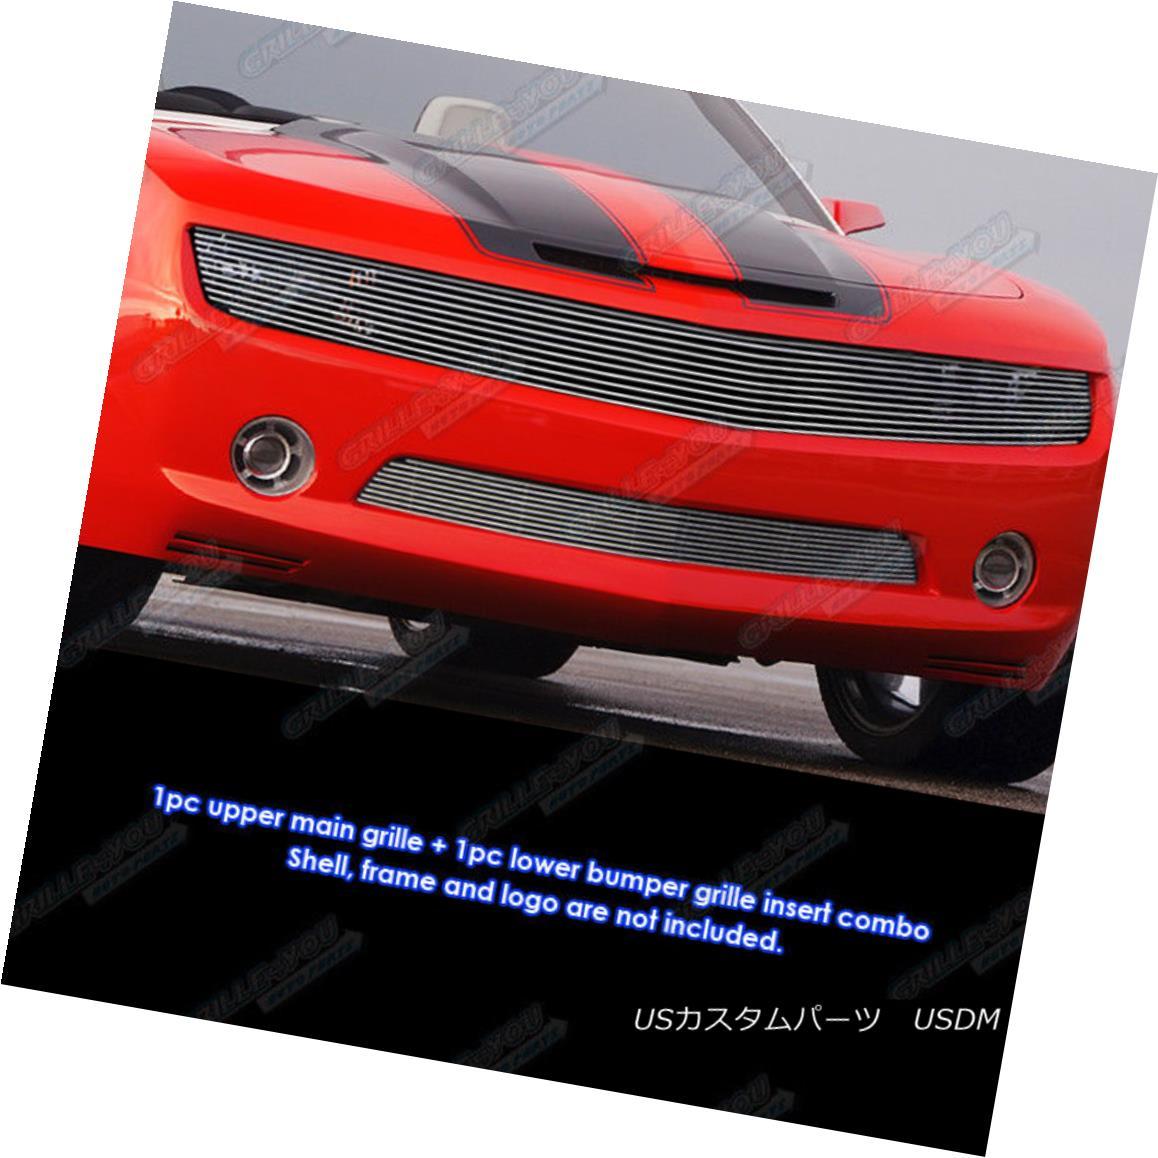 グリル 2010-2013 Chevy Camaro LT/LS V6 Phantom Style Billet Grille Grill Insert Combo 2010-2013シボレーカマロLT / LS V6ファントムスタイルビレットグリルグリルインサートコンボ